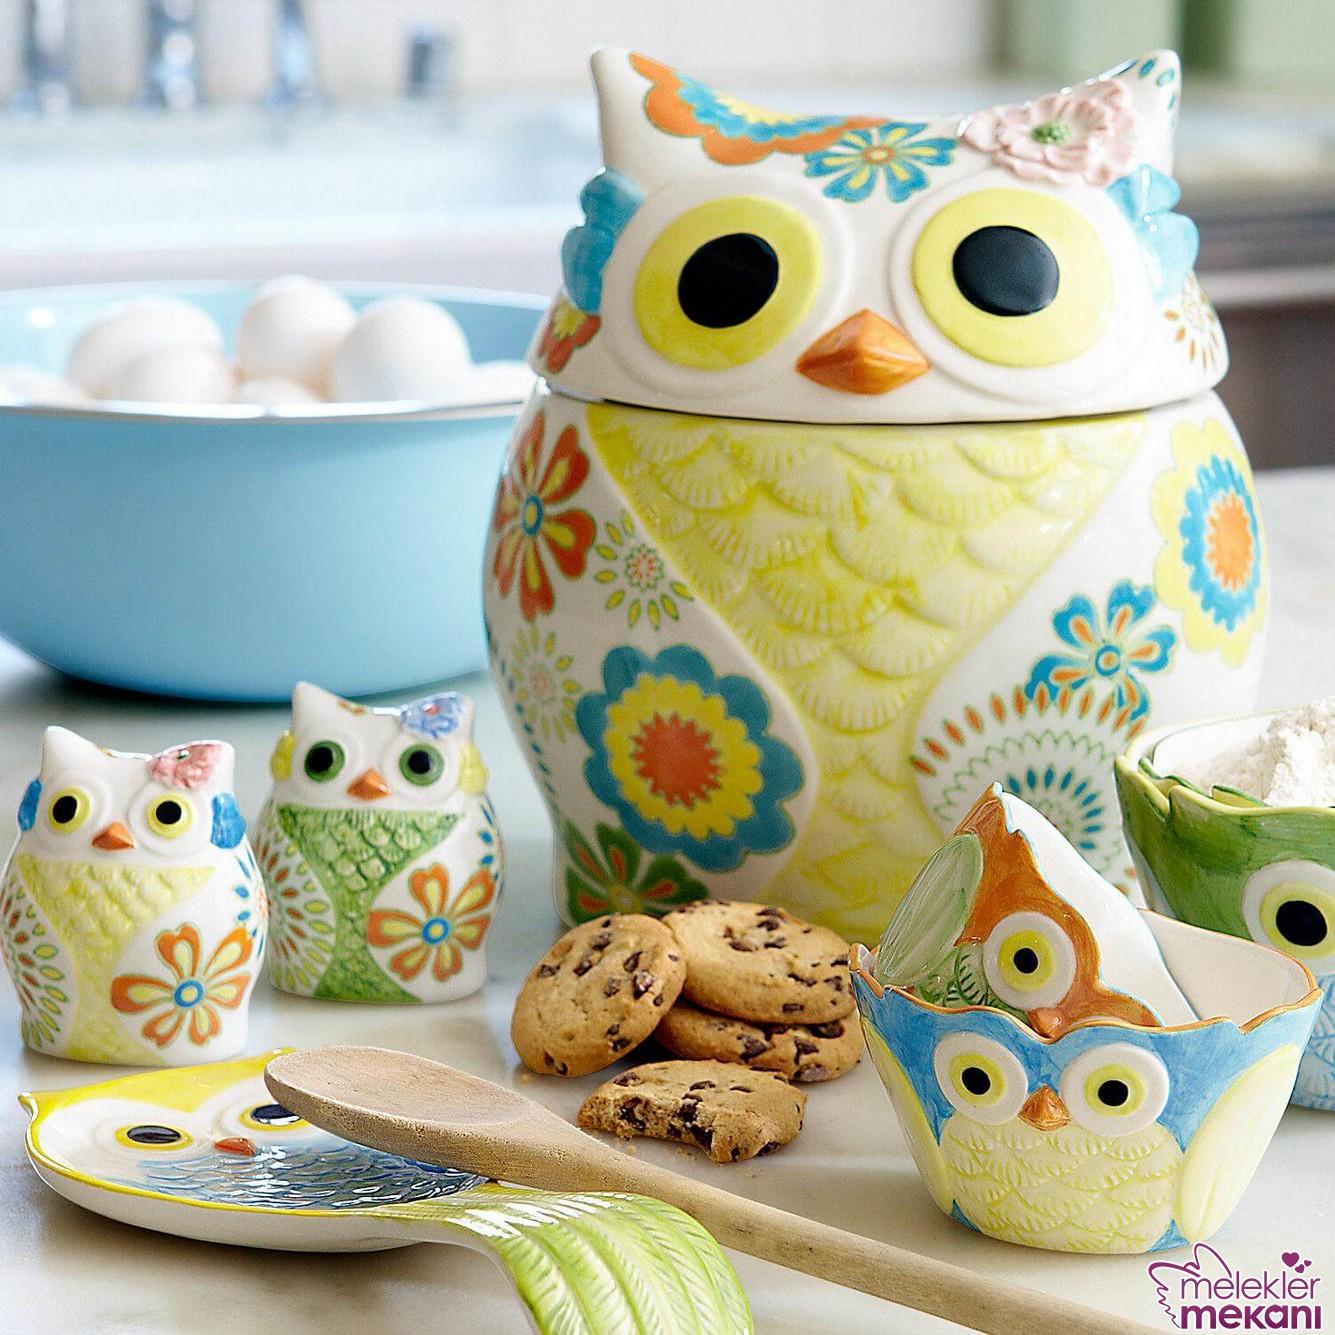 Mutfağınızda baykuş obje modelleri ile gelen dekoratifliklerle dekor değişimi yapabilirsiniz.